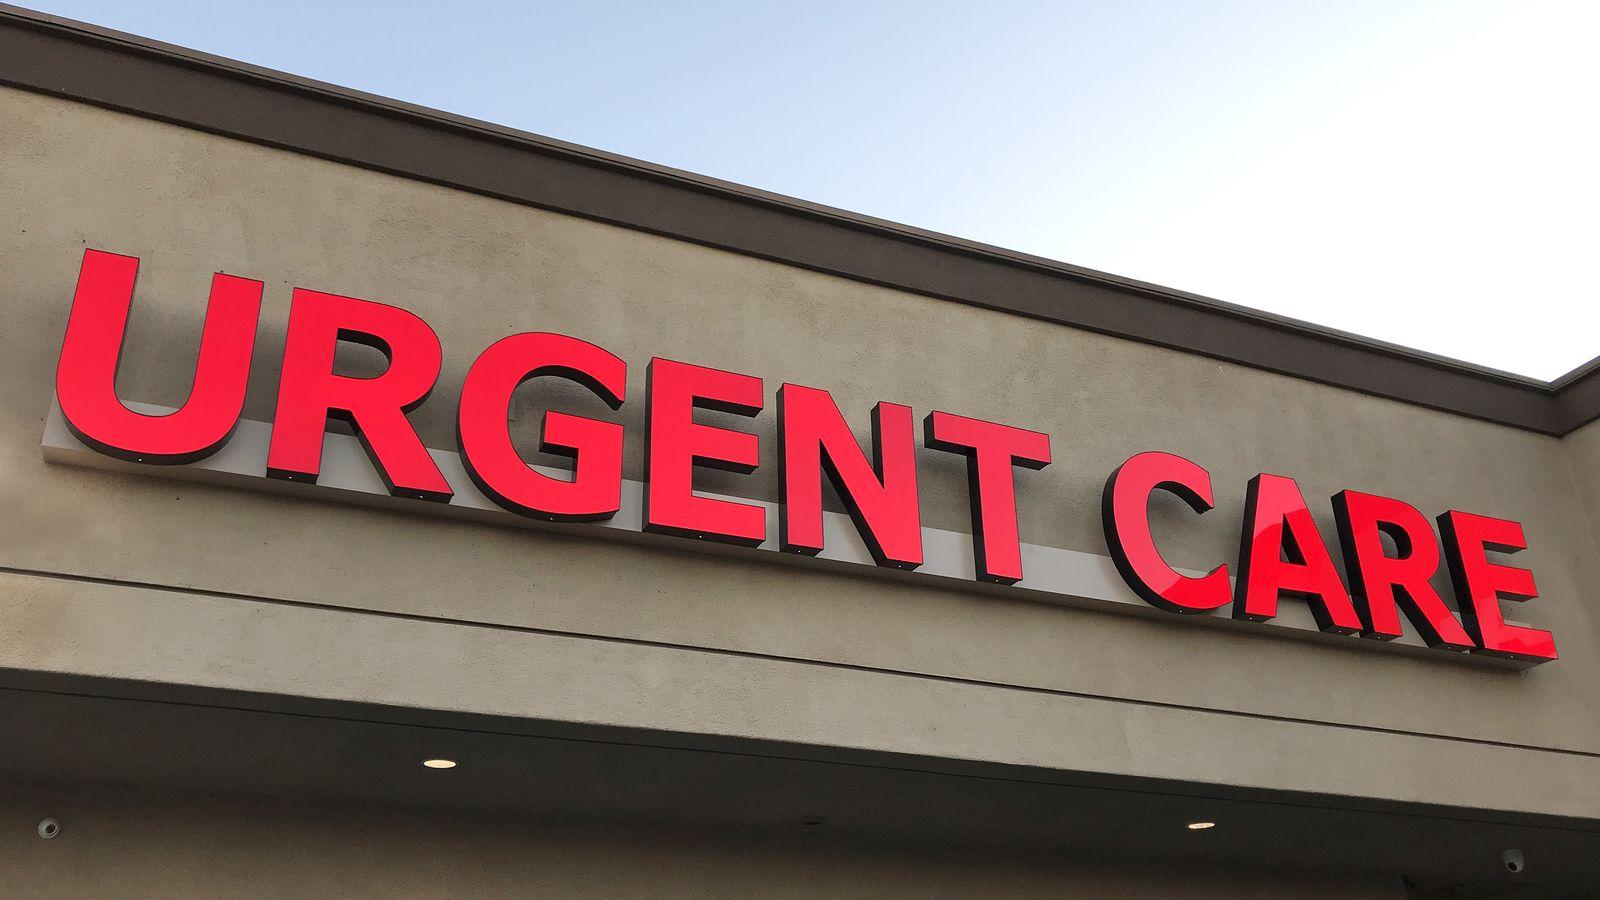 Urgent Care 3D letters